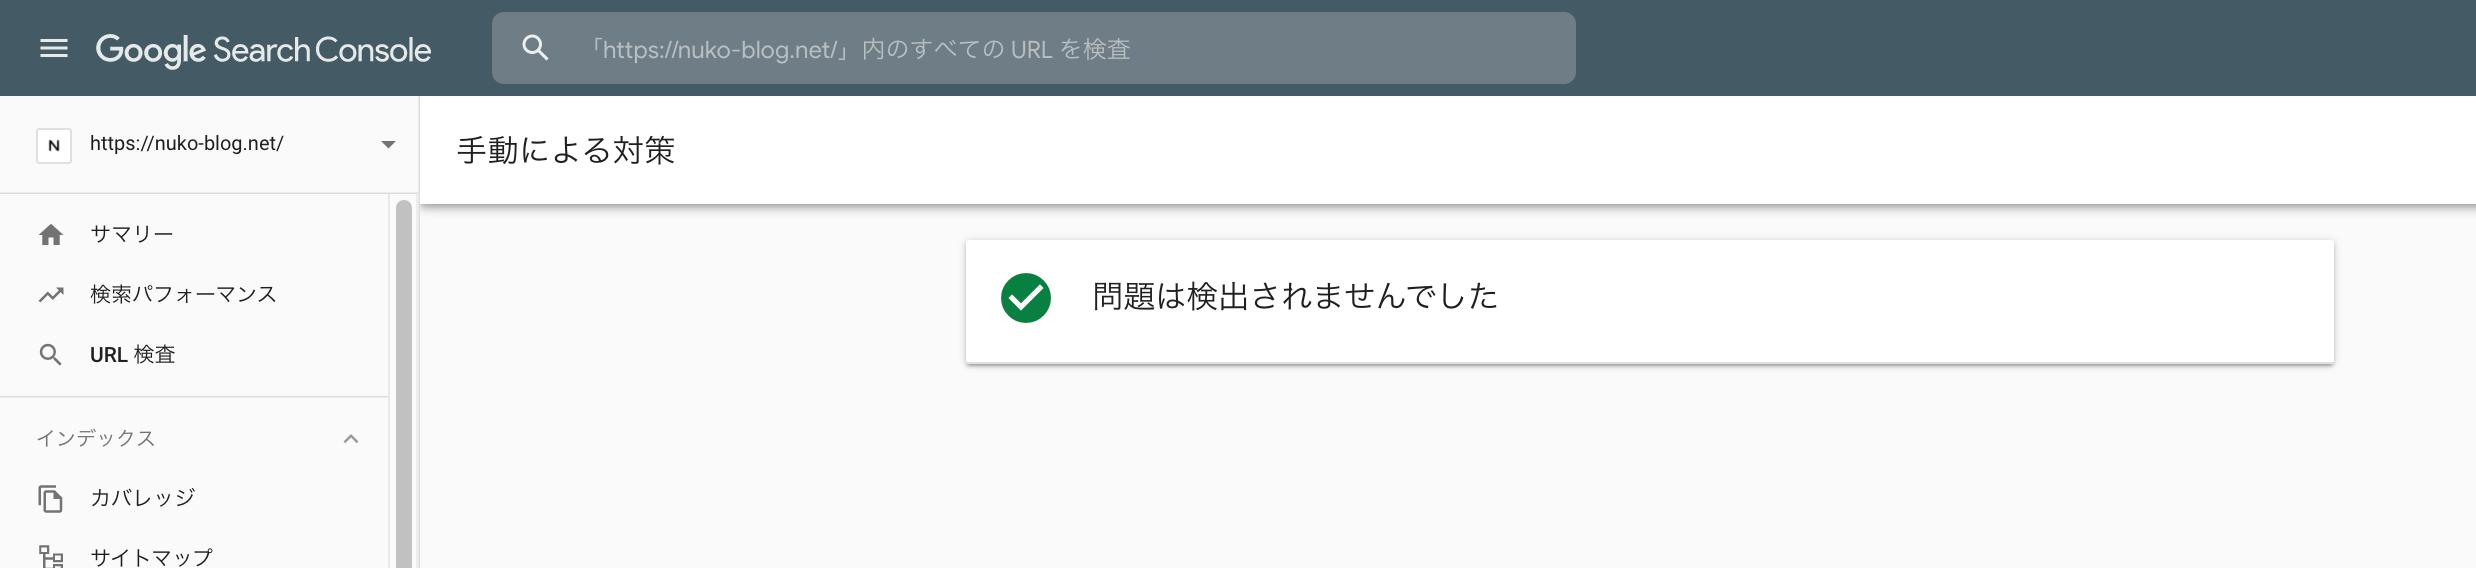 Google Search Consoleの手動による対策